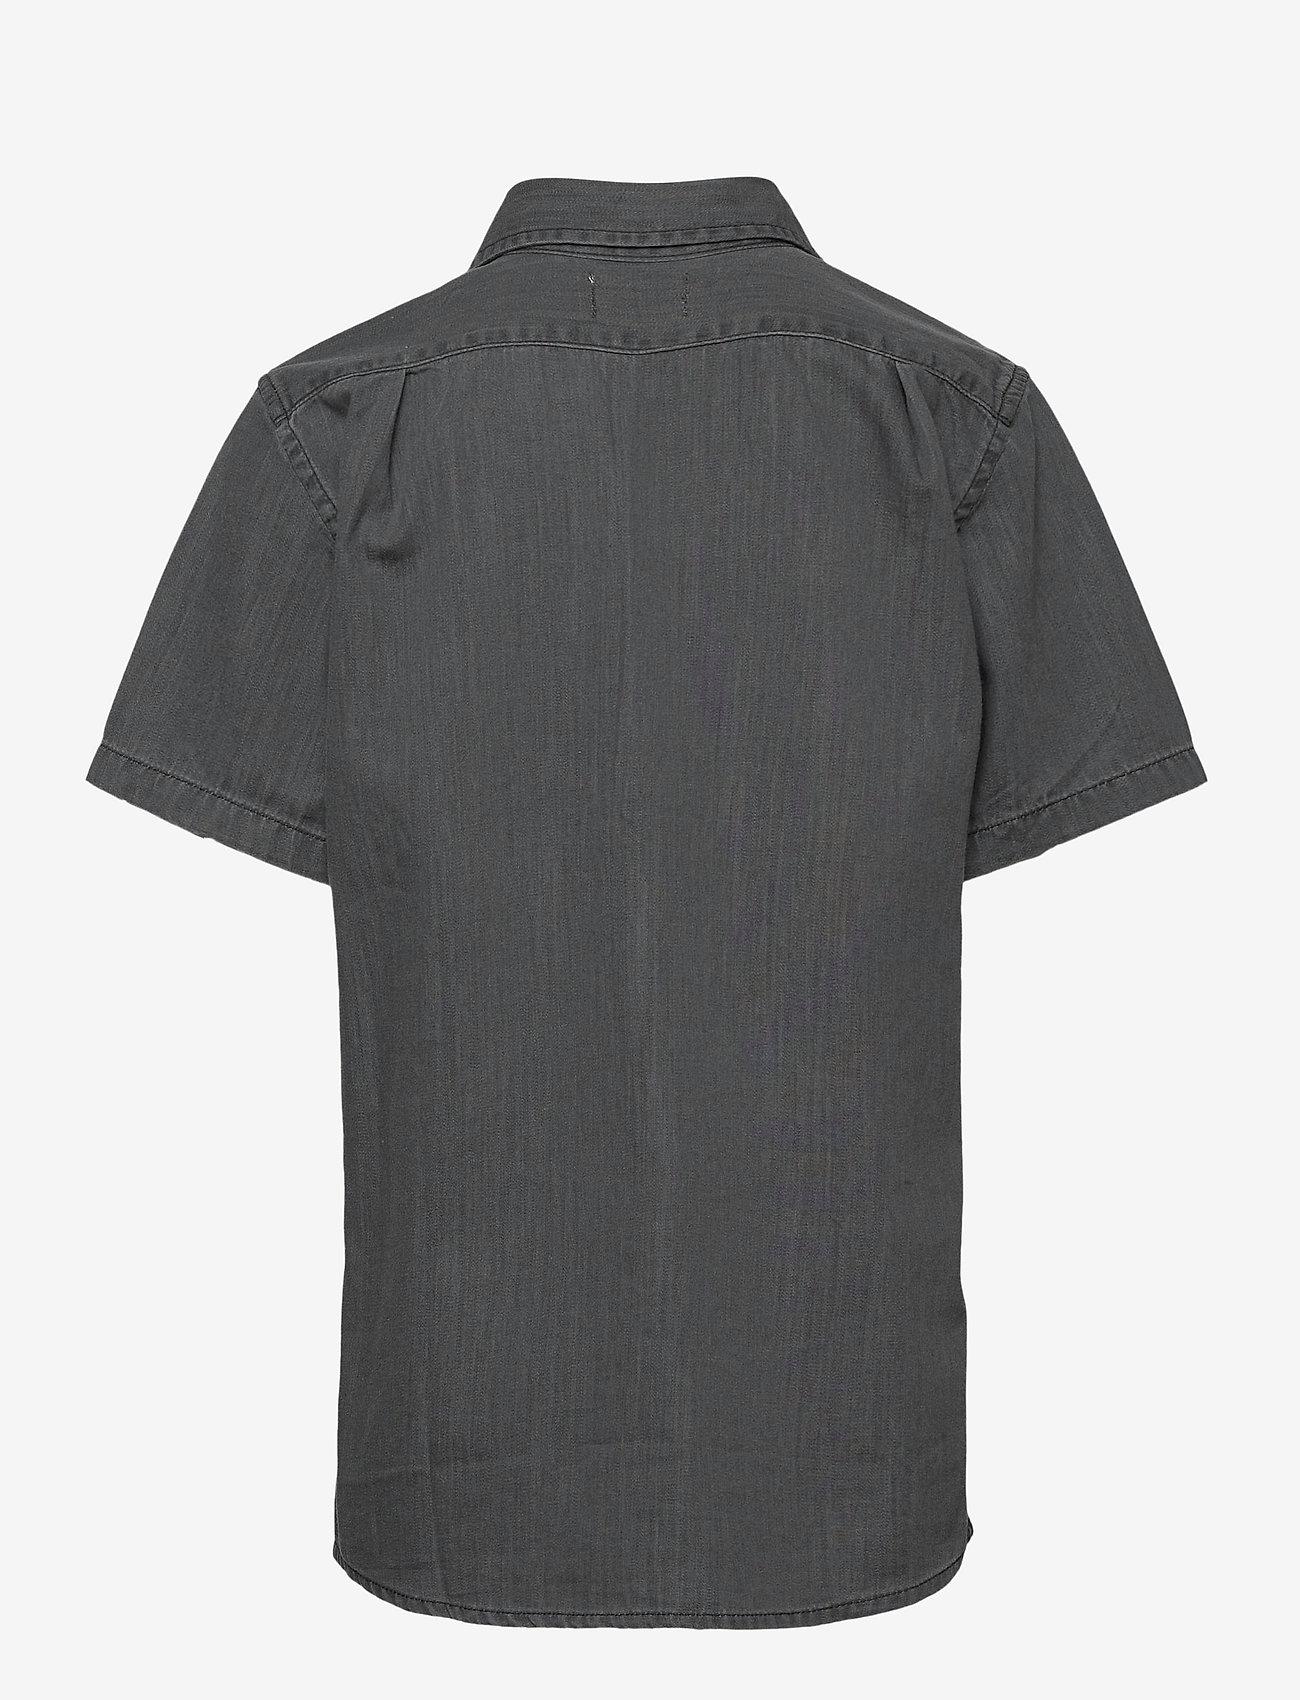 Mads Nørgaard - Dark Soft  Svantino Short - shirts - dark washed - 1